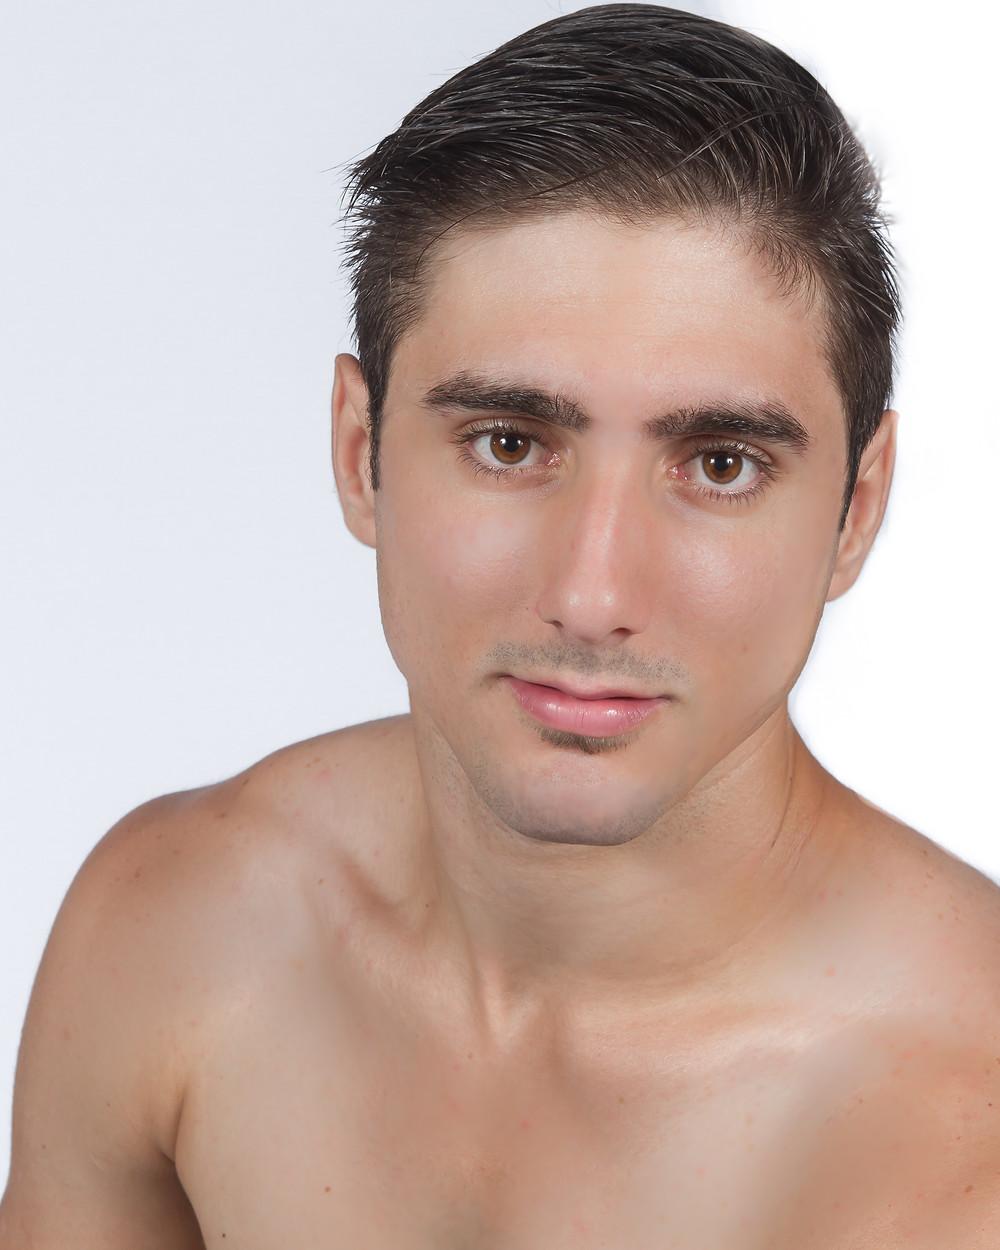 LAWRENCE GONZALEZ-RAMOS